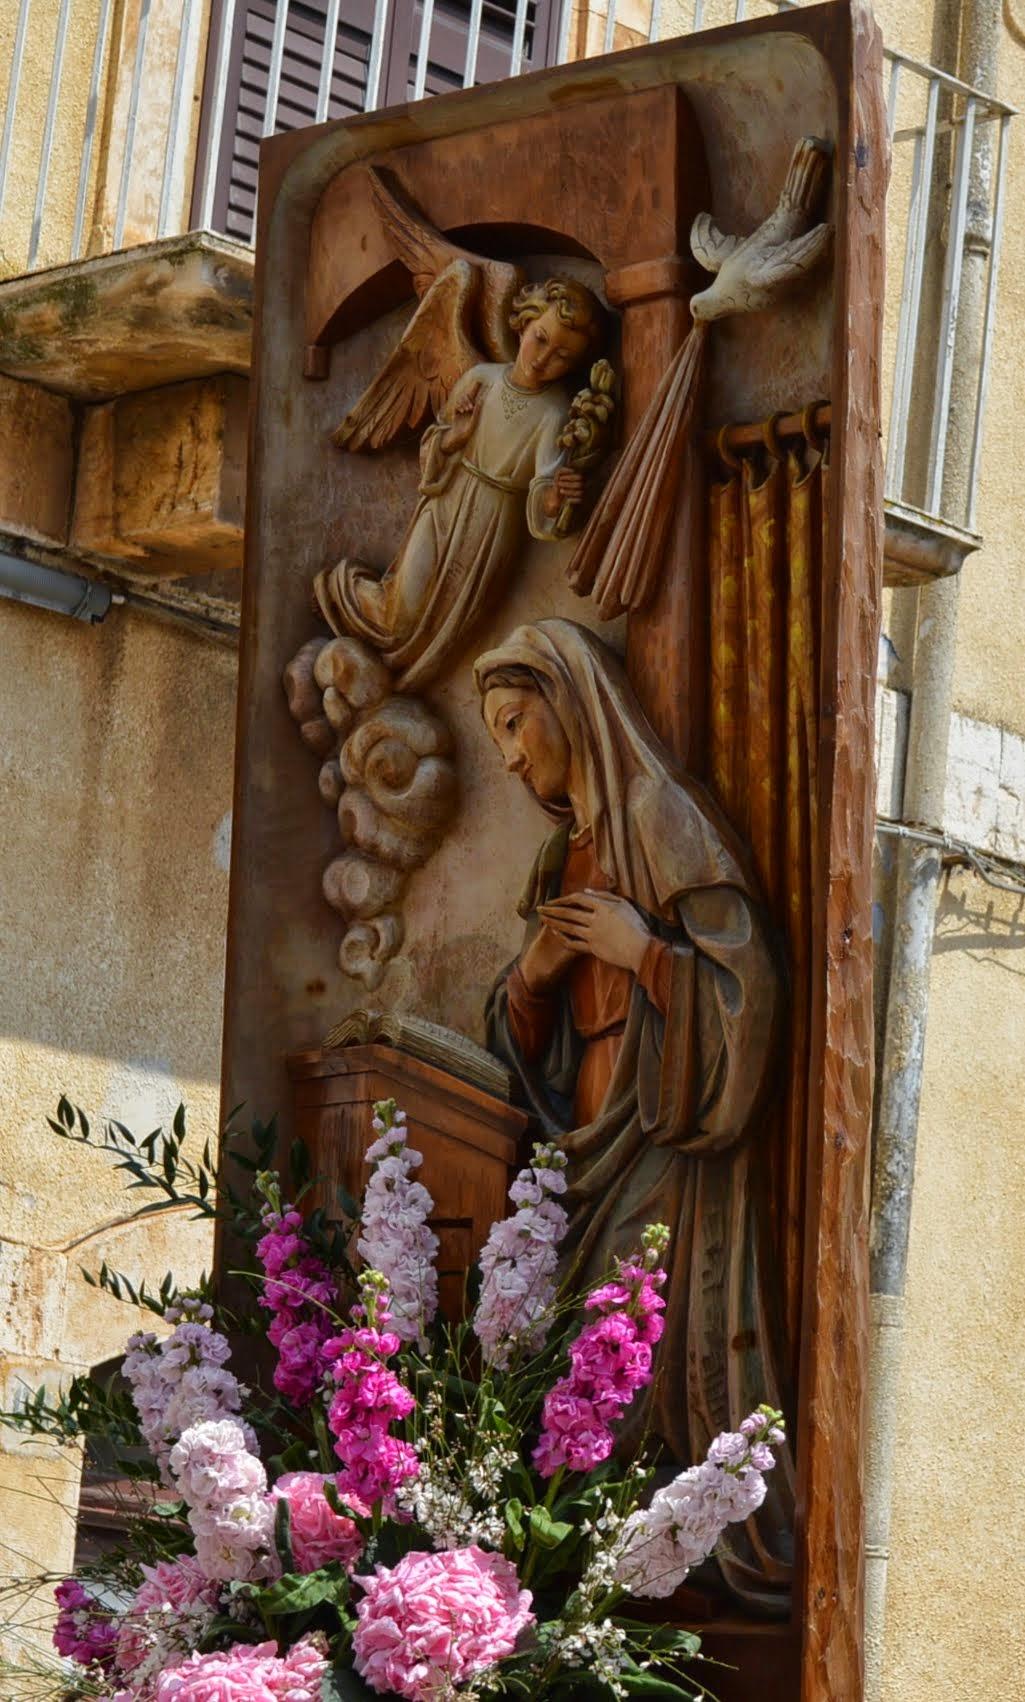 """Photo: Una bella giornata con un sole primaverile si è offerta ai turesi e nuovi residenti che hanno partecipato numerosi al rito del Passa a Passa; verso le 11, la Confraternita dell'Addolorata, preceduta """"do tammurre de Mole"""" partendo da S. Domenico, ha raggiunto la cappellina di San Rocco, dove si è conclusa la messa celebrata dall'Arc. don Giovanni Amodio; con ali di folla hanno sfilato i portatori del cippo ligneo della Madonna dell'Annunziata, seguito dai fedeli ma soprattutto da padrini e madrine per mano un bimbo con una o più fasce colorate a tracolla, segno della durata del legame e del ripetersi del rito; insieme, cantando per invocare la protezione della Madonna; in processione si sono compiuti i tradizionali tre giri intorno alla chiesetta di S Rocco. http://www.turionline.it/2015/04/passa-passe-2015/"""